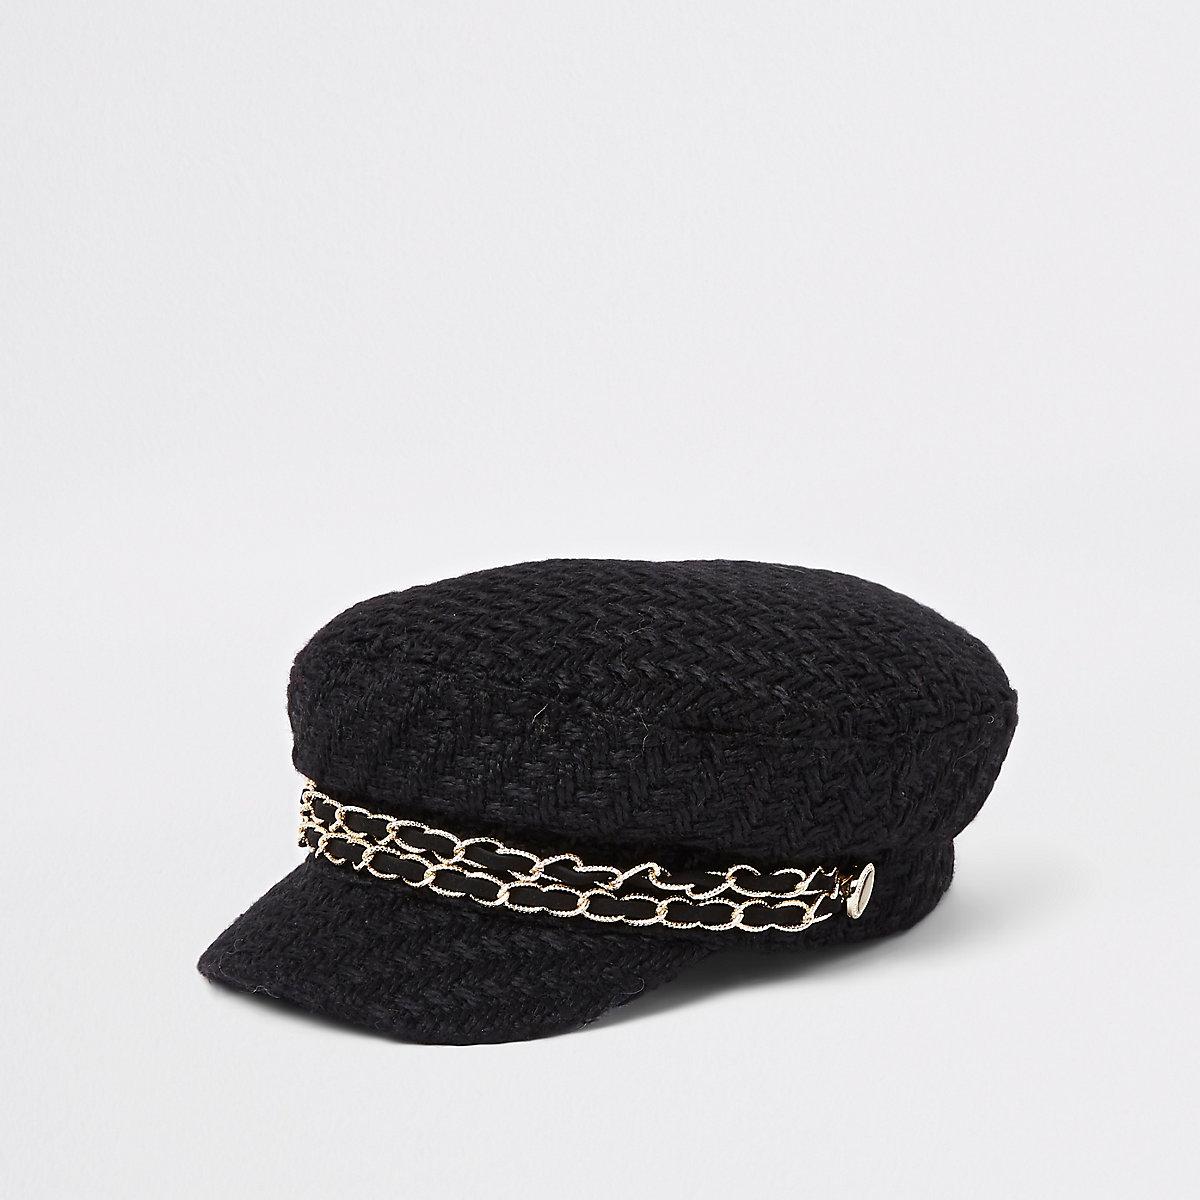 Black double chain baker boy hat - Hats - Accessories - women 0574bd6e4d0